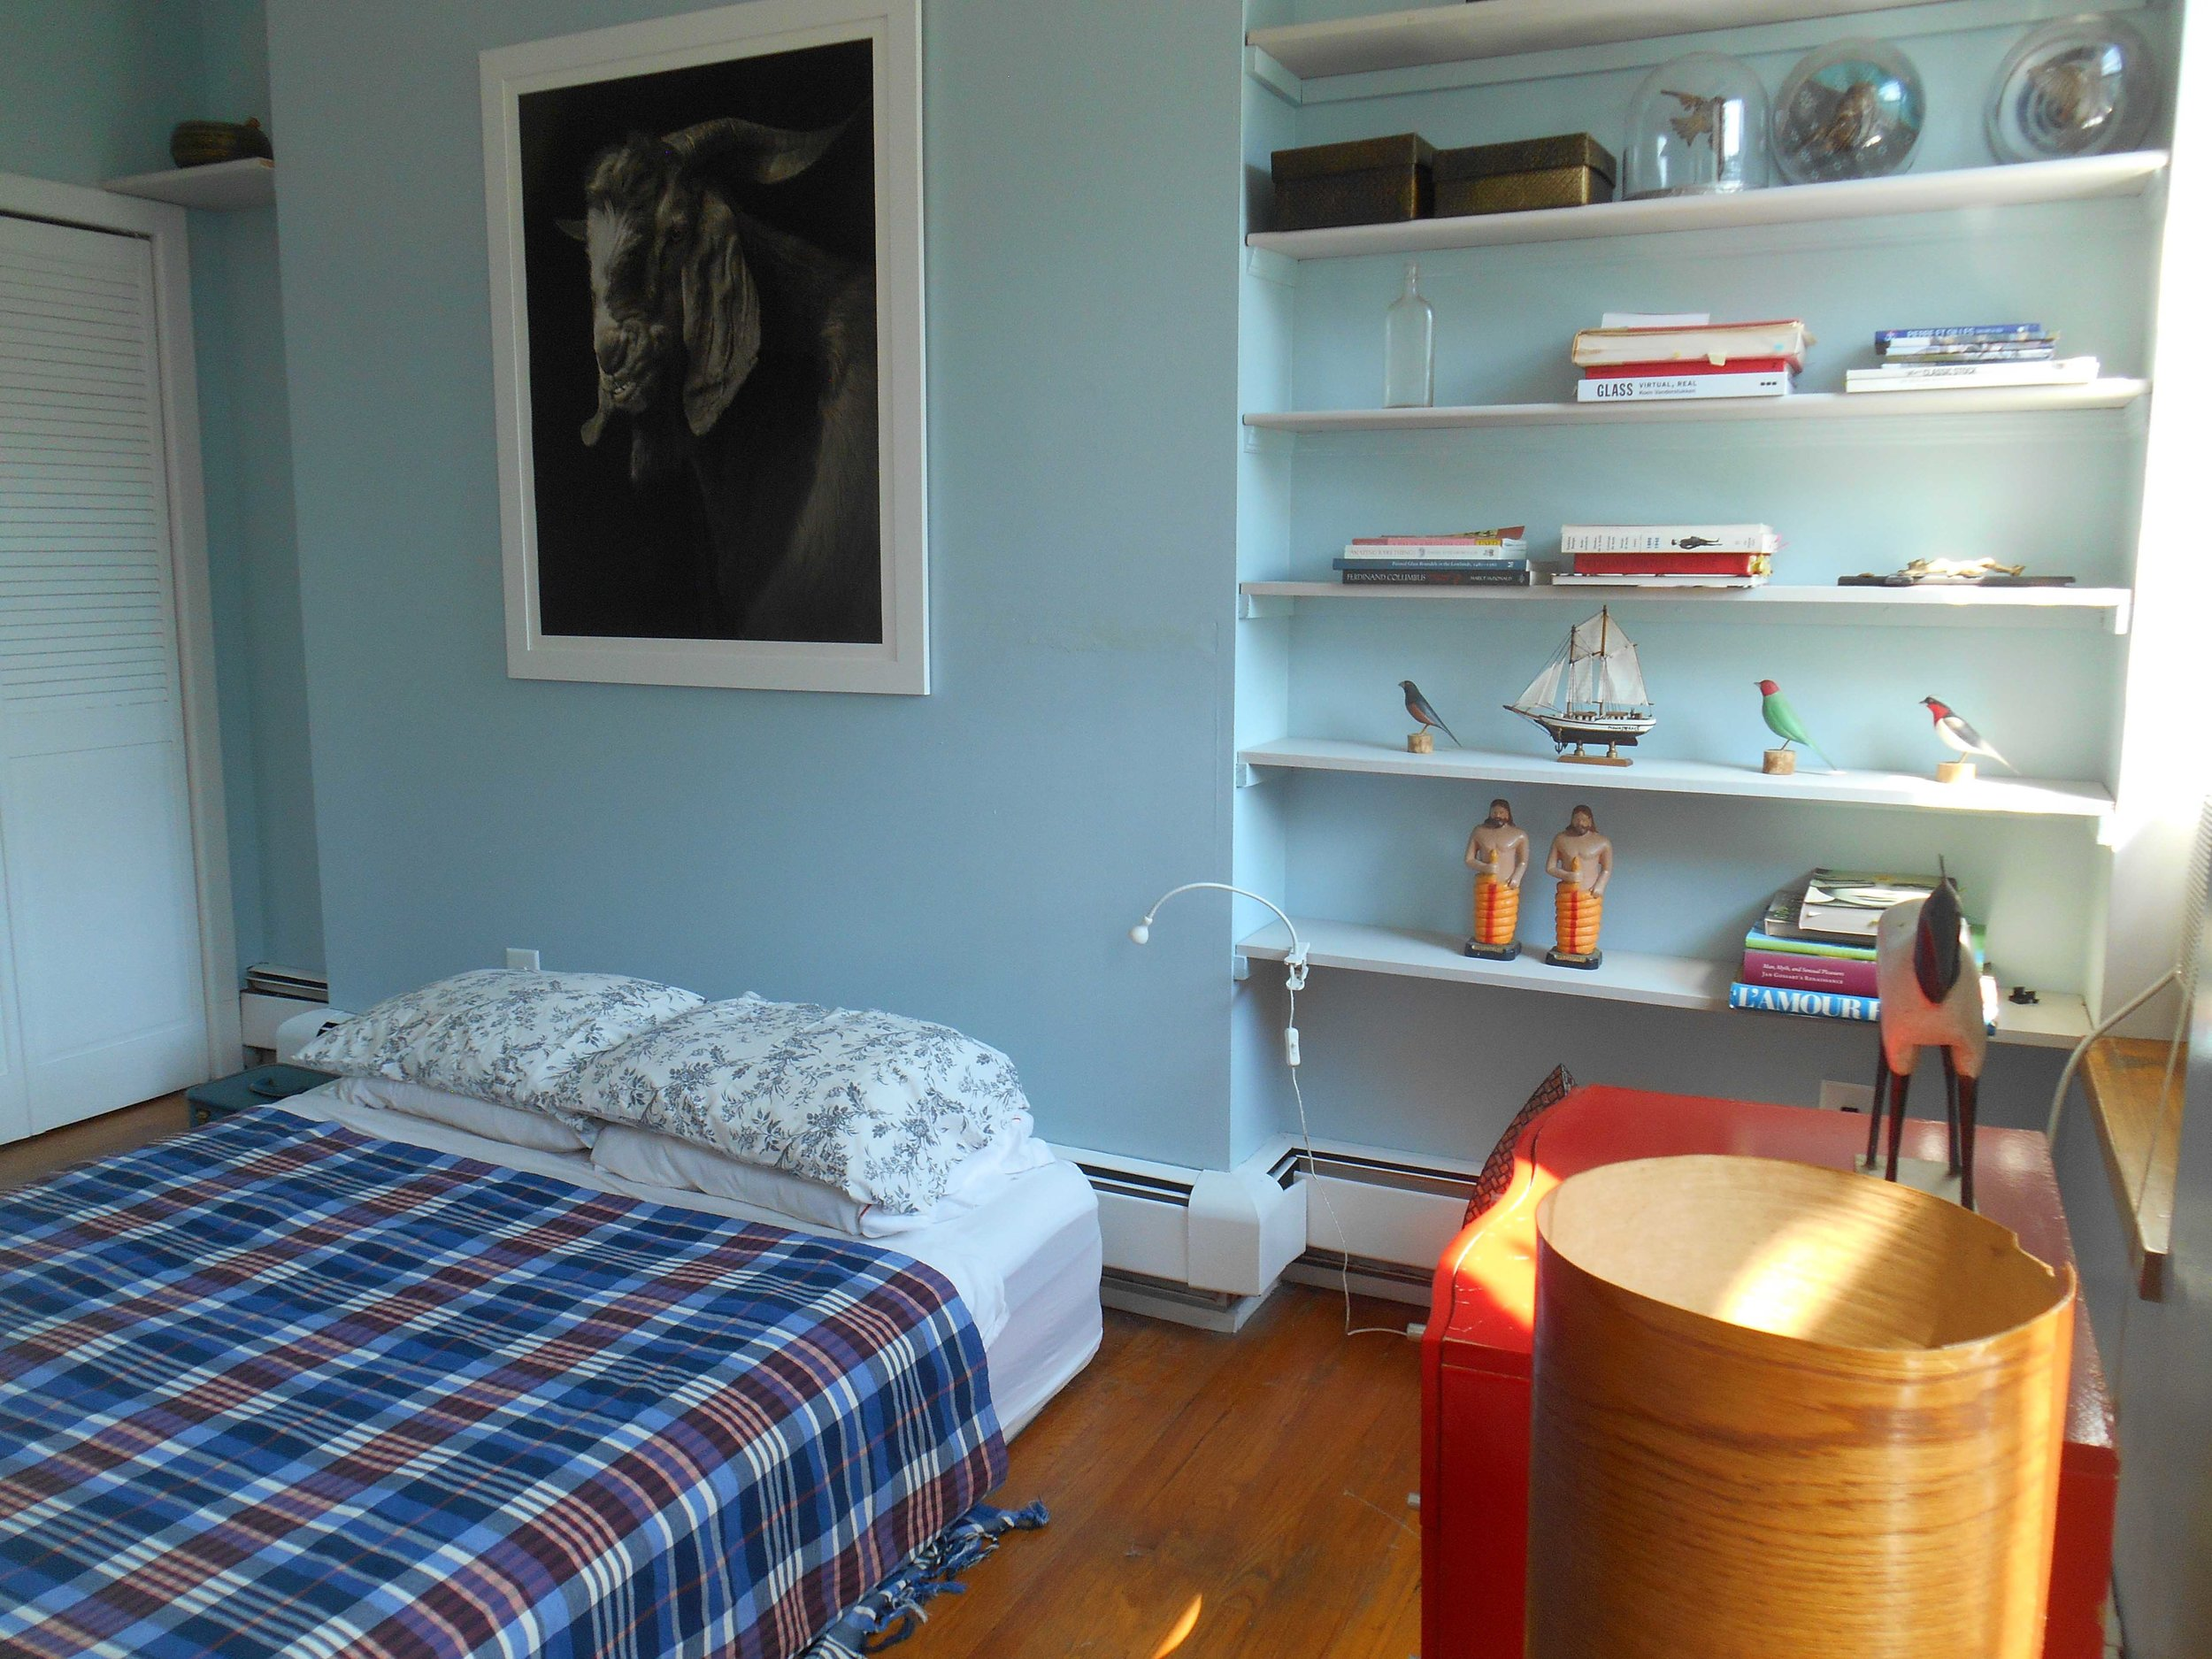 k LR 216 bedroom 2.jpg